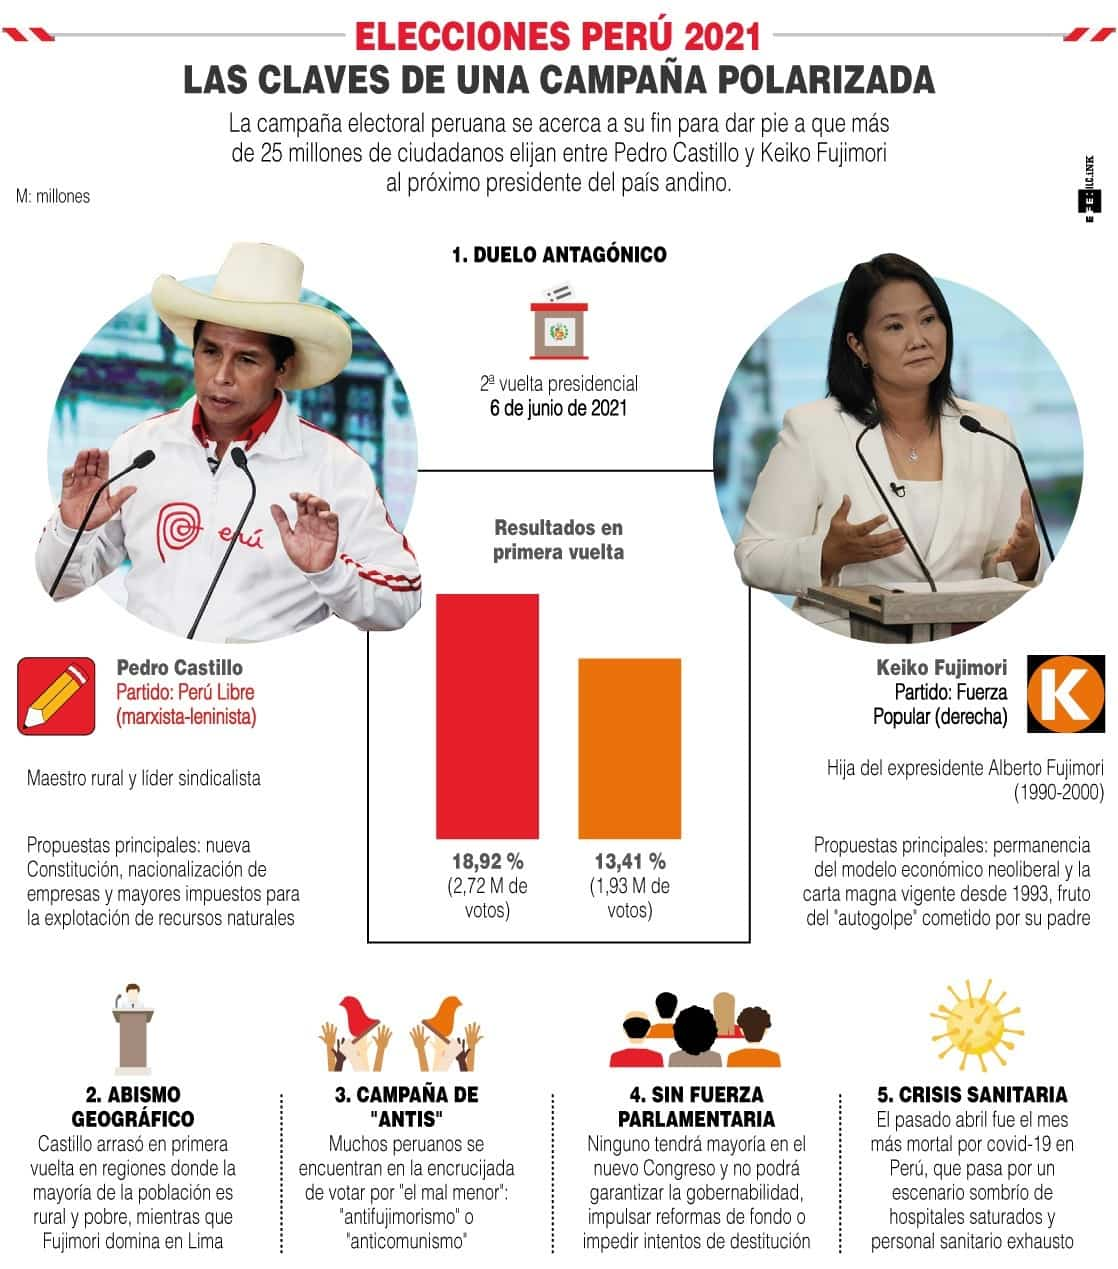 [Infografía] - Cinco claves de una muy polarizada campaña electoral peruana 1